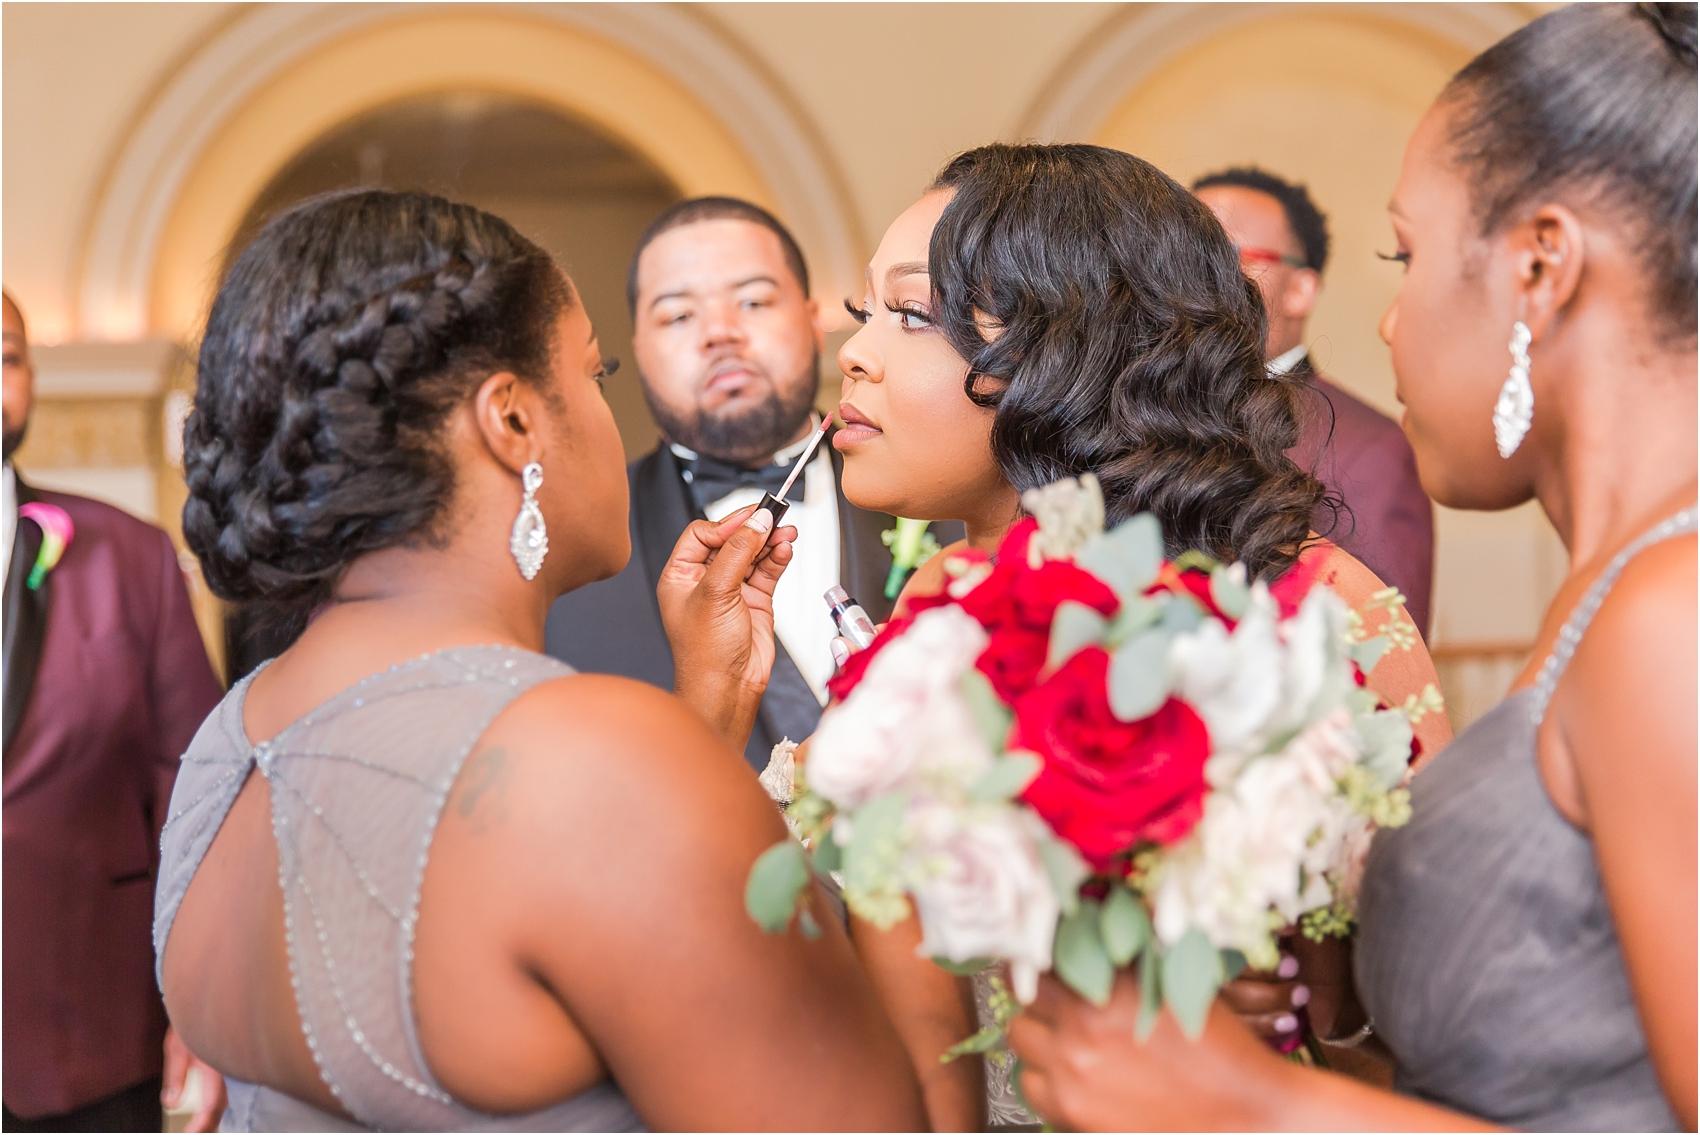 minimalist-and-modern-wedding-photos-at-30-north-saginaw-in-pontiac-michigan-by-courtney-carolyn-photography_0021.jpg